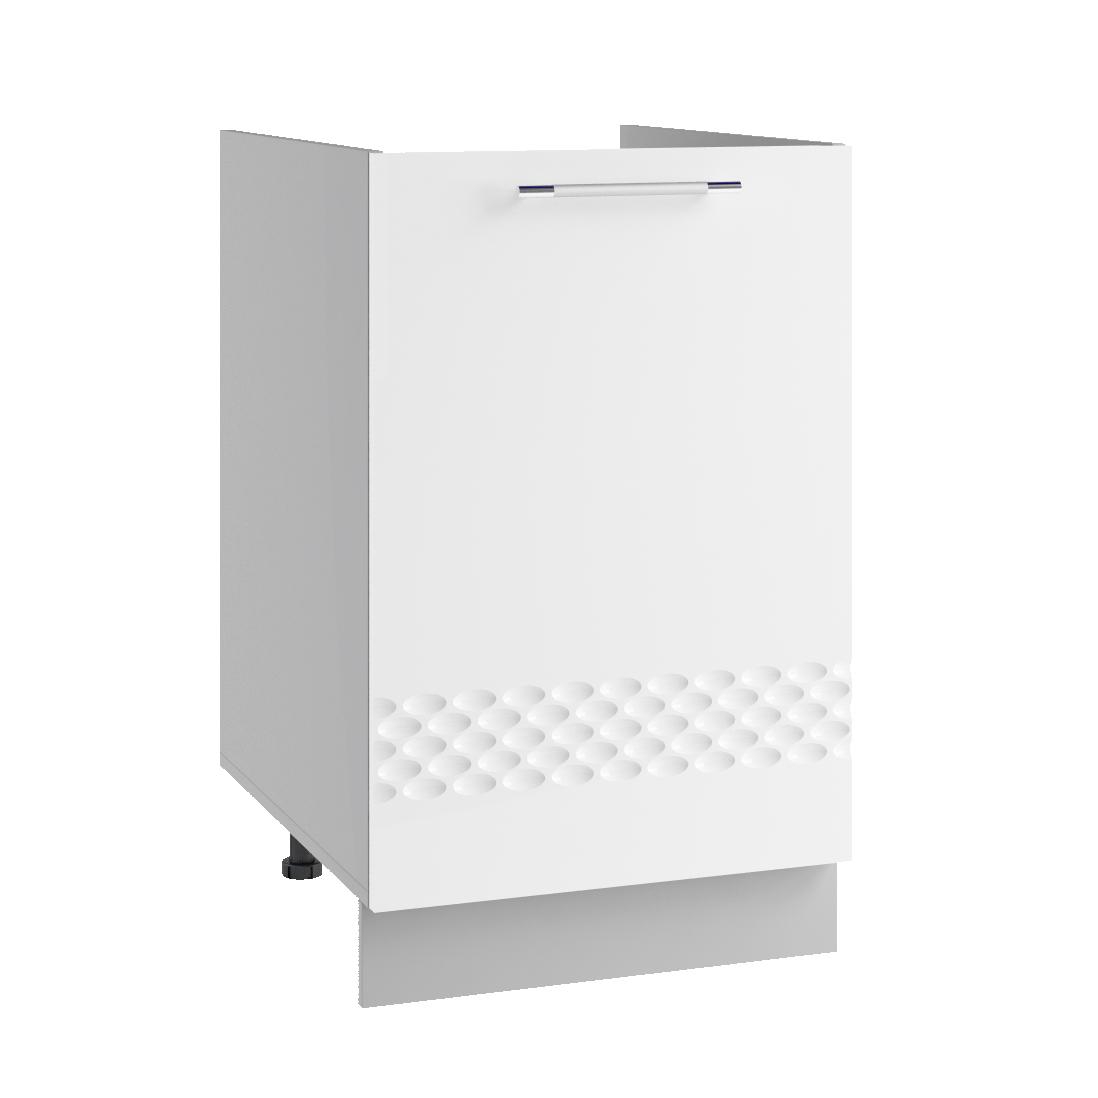 Кухня Капля 3D СМ 601 Шкаф нижний мойка петли слева